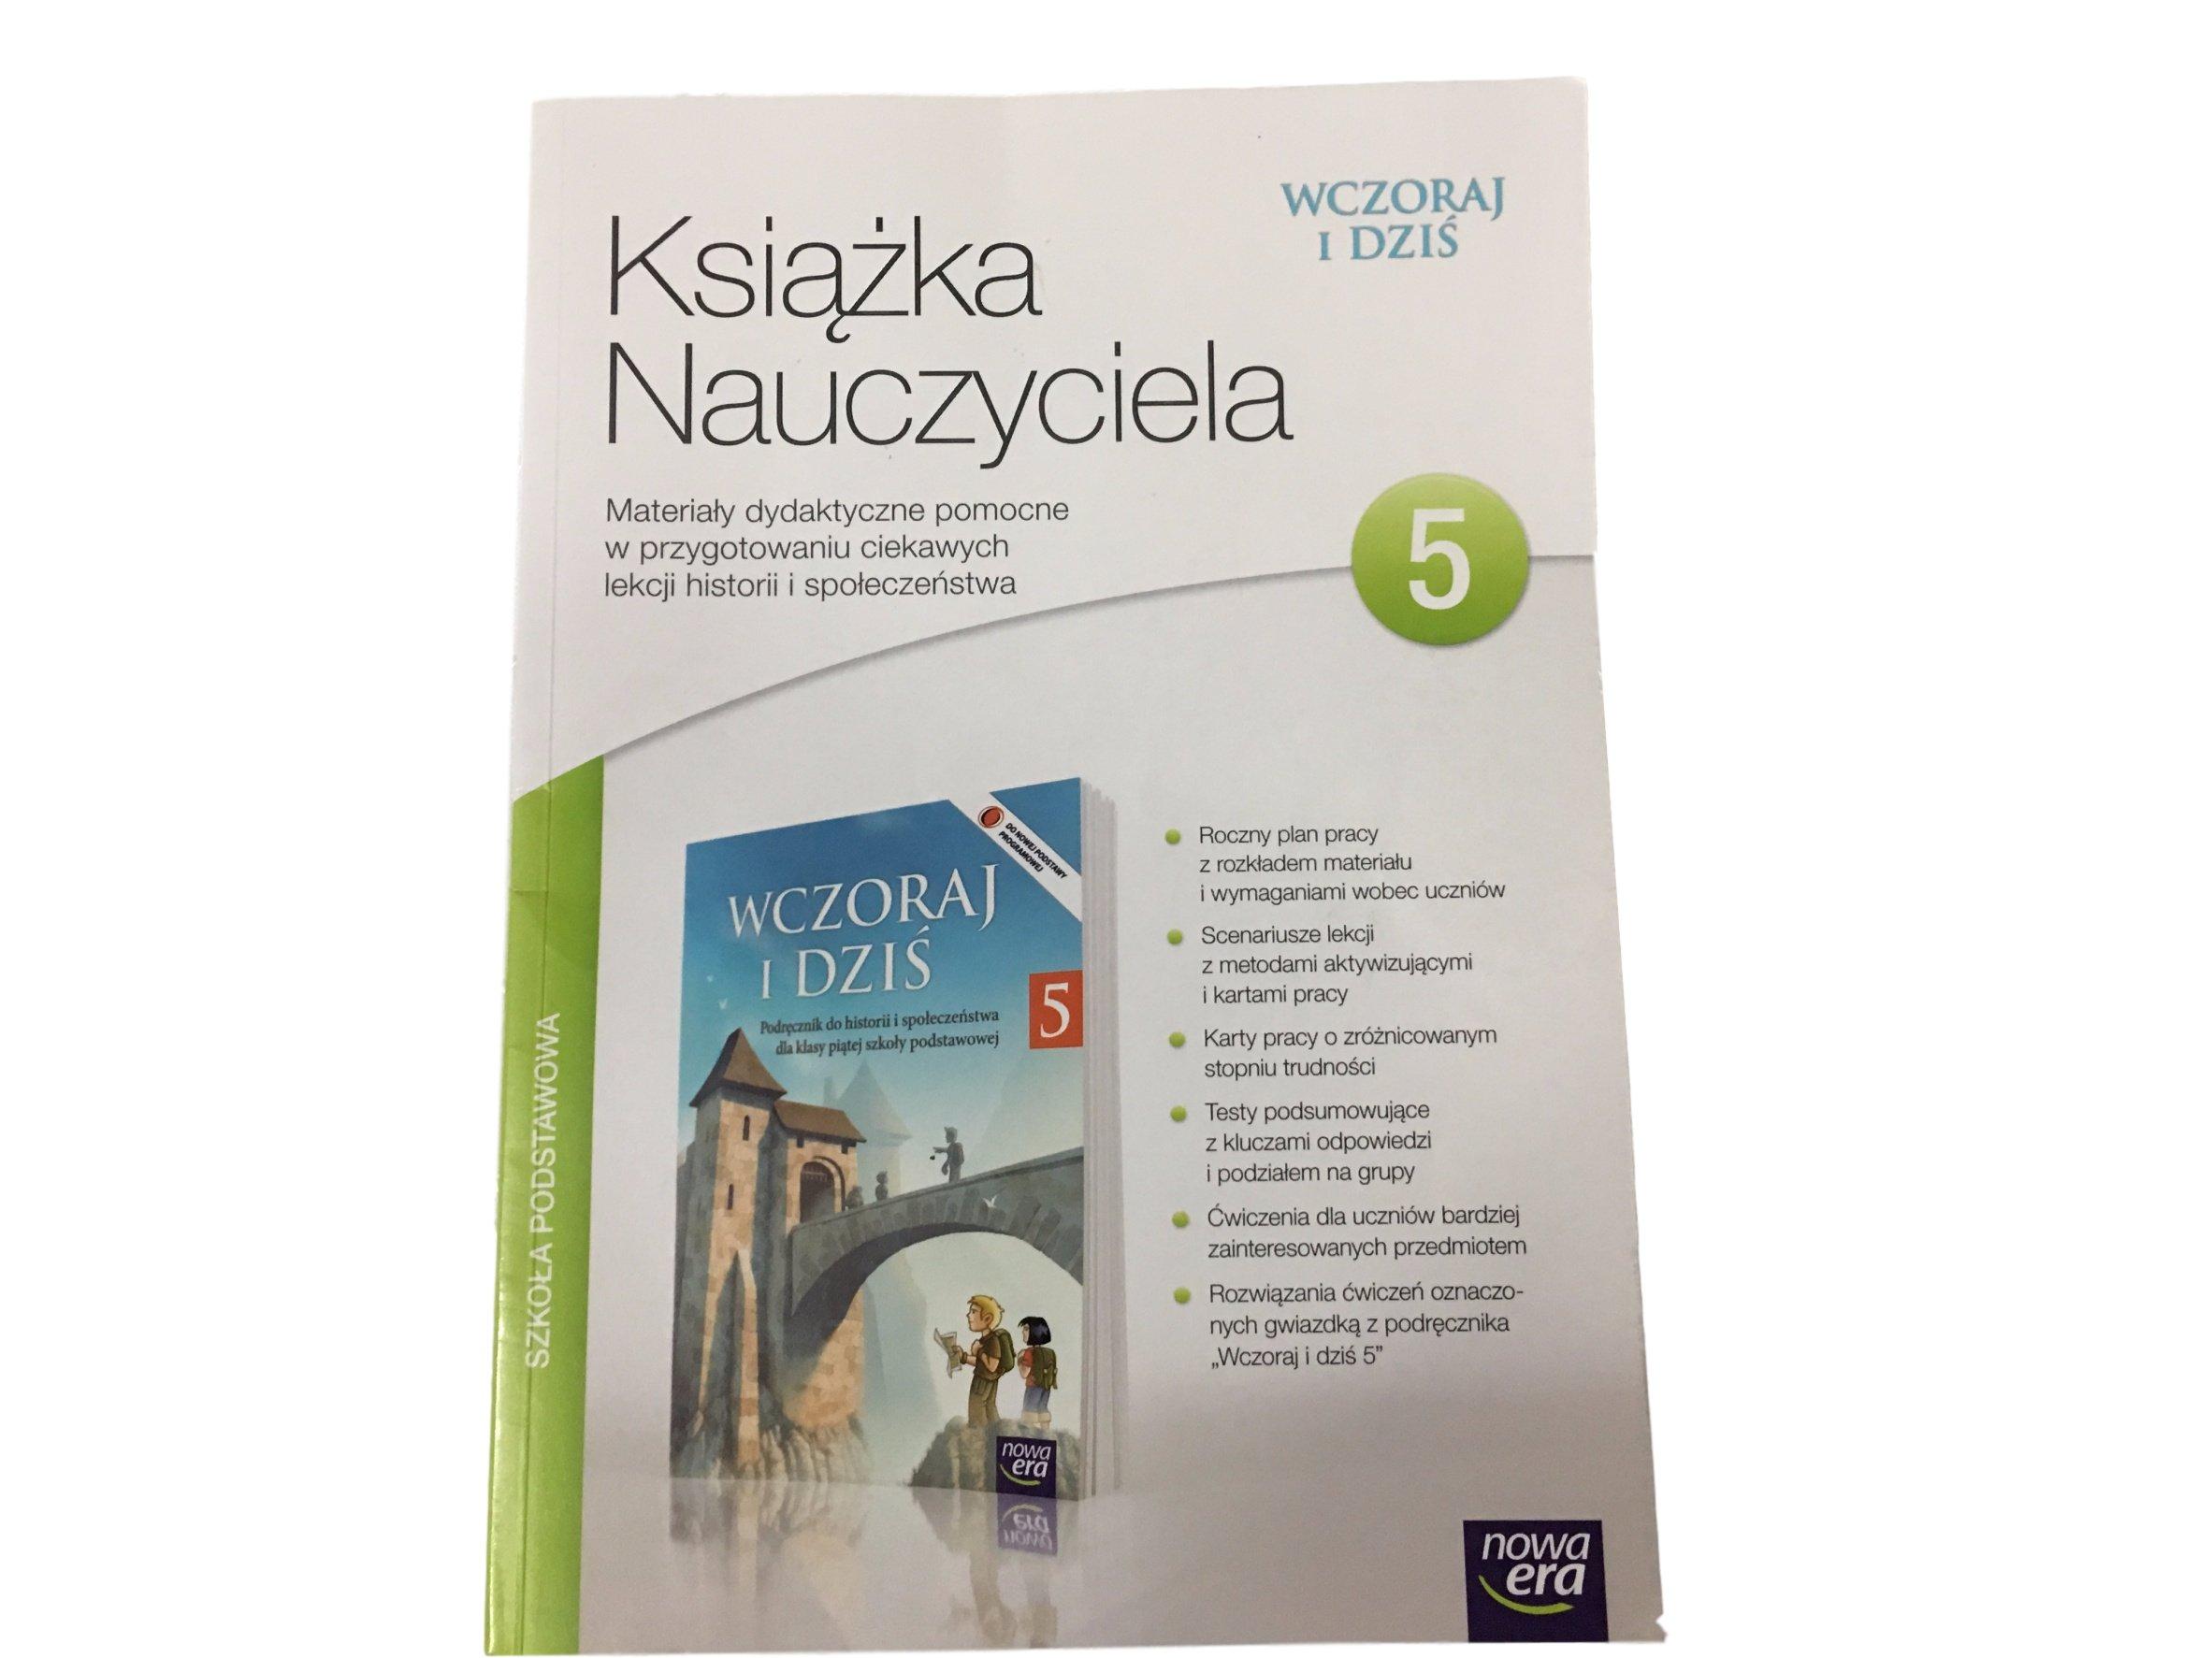 Nowość WCZORAJ I DZIŚ KL 5 SPRAWDZIANY NOWA ERA TEST 7169496120 - Allegro.pl XA42